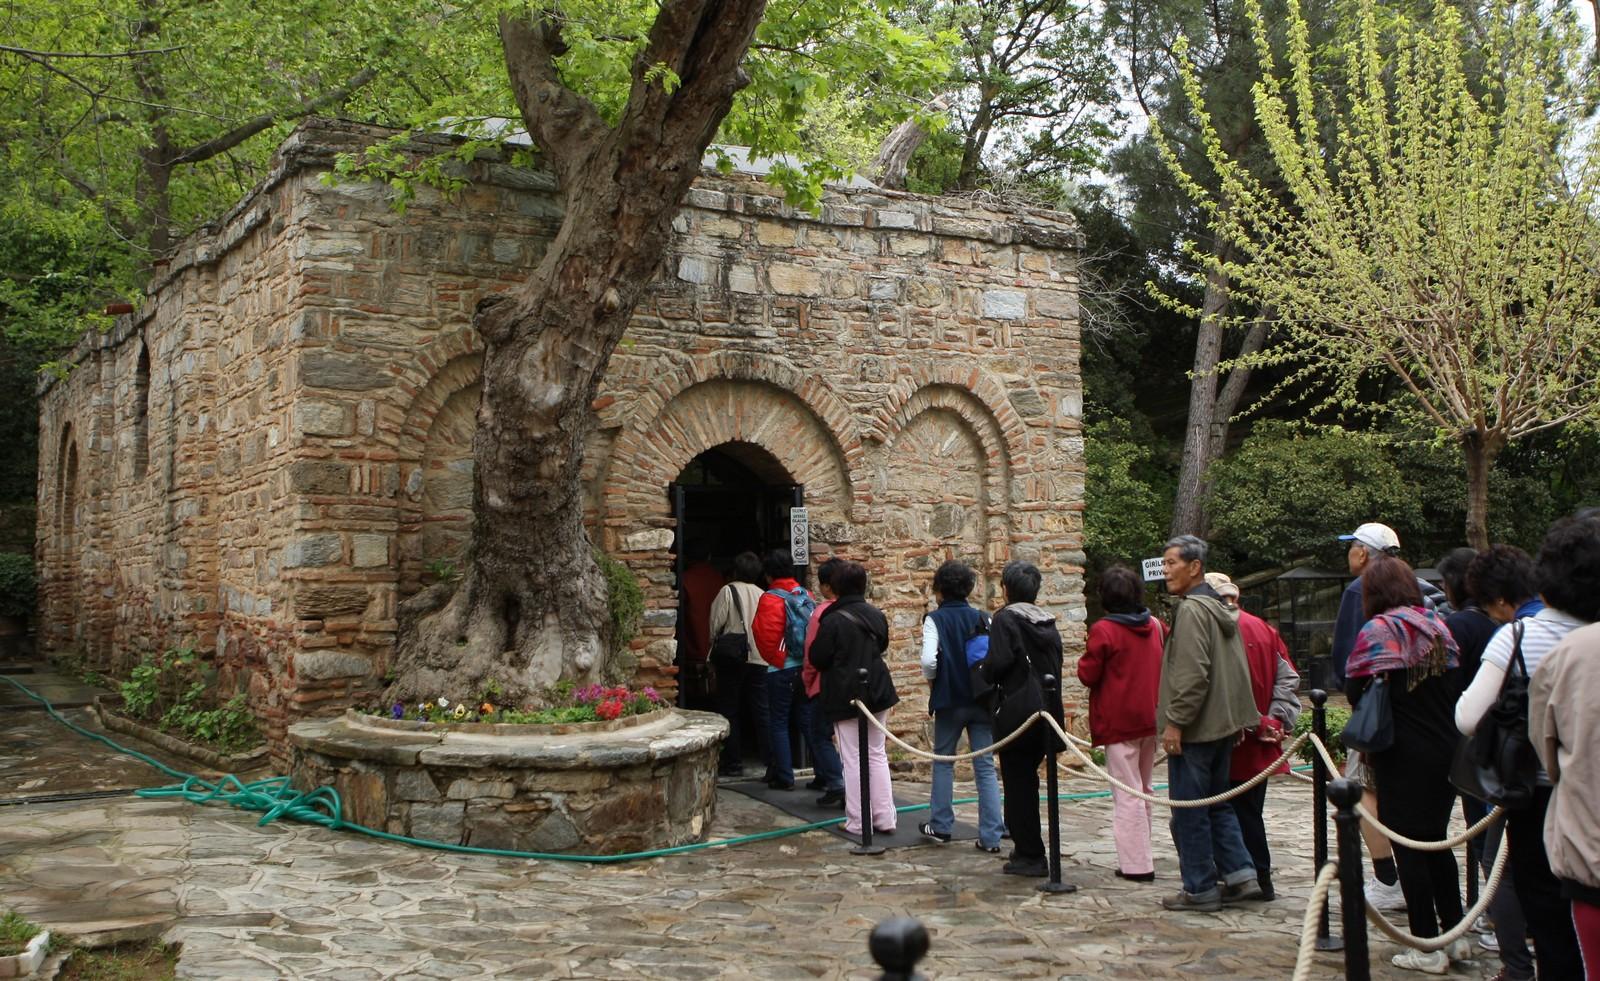 Cómo fue el Milagroso Descubrimiento de la Casa de la Virgen María en Éfeso